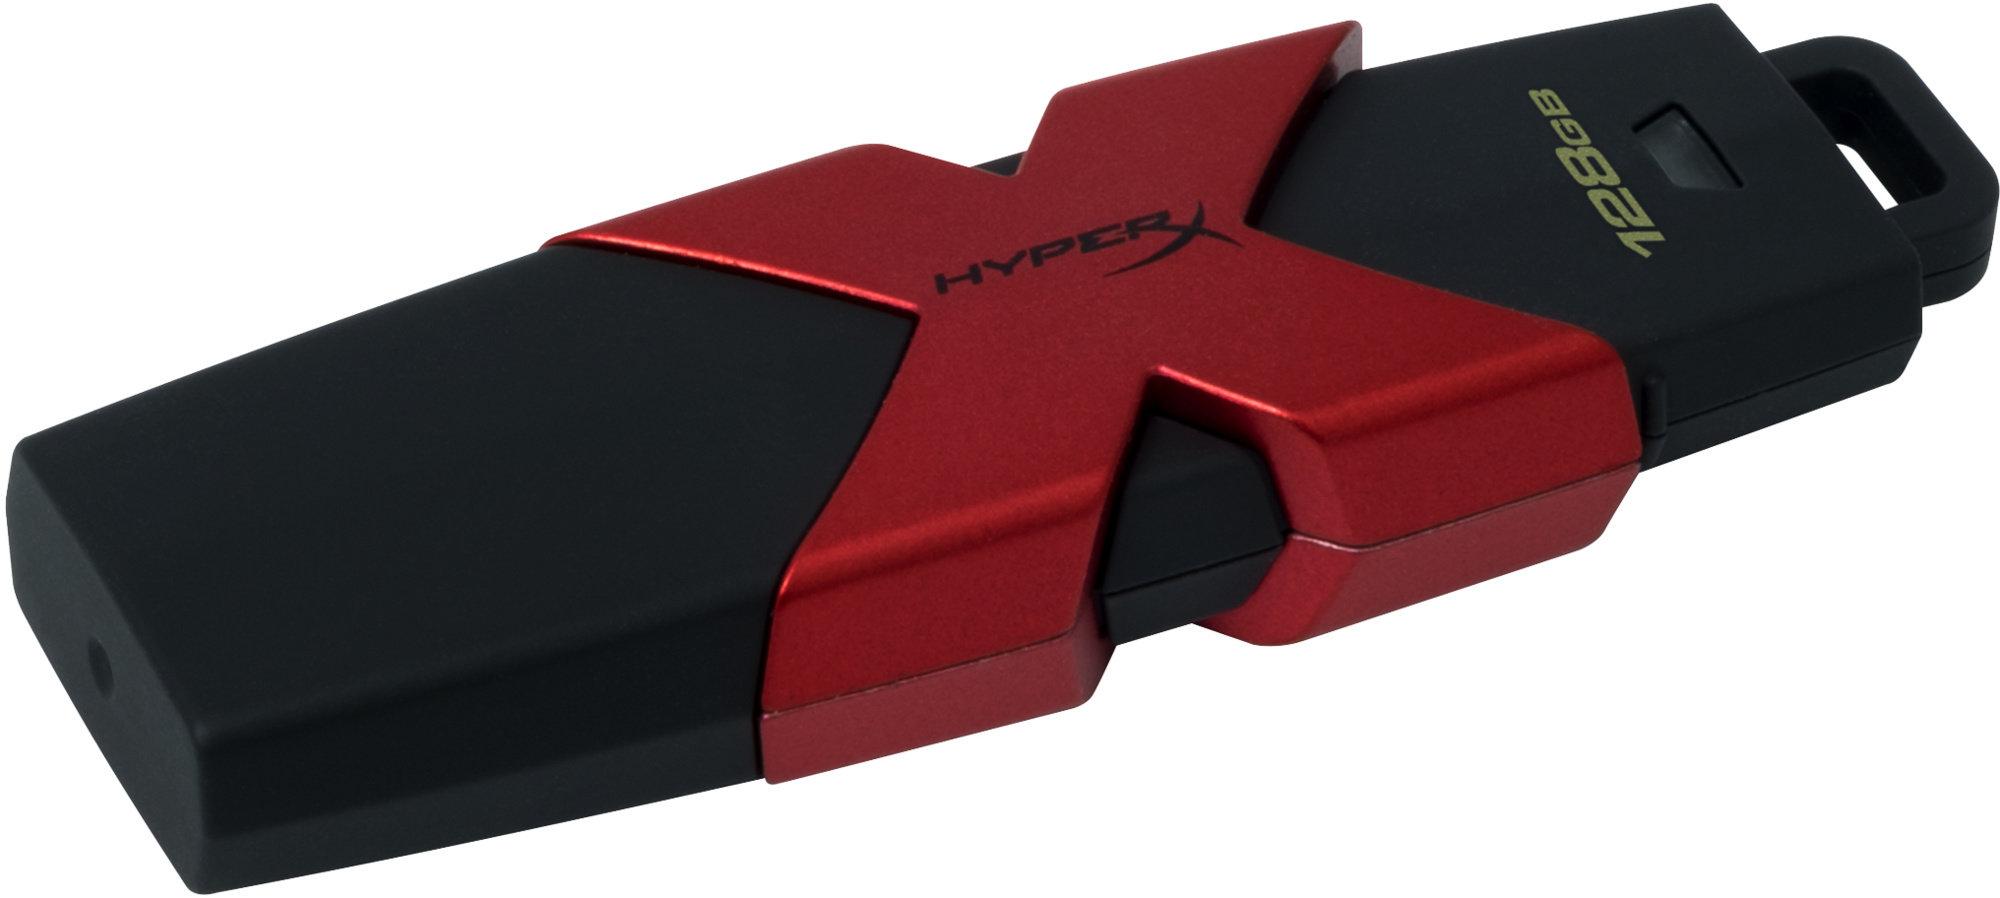 KINGSTON 128GB HyperX Savage USB 3.1/3.0 350MB/s R, 180MB/s W